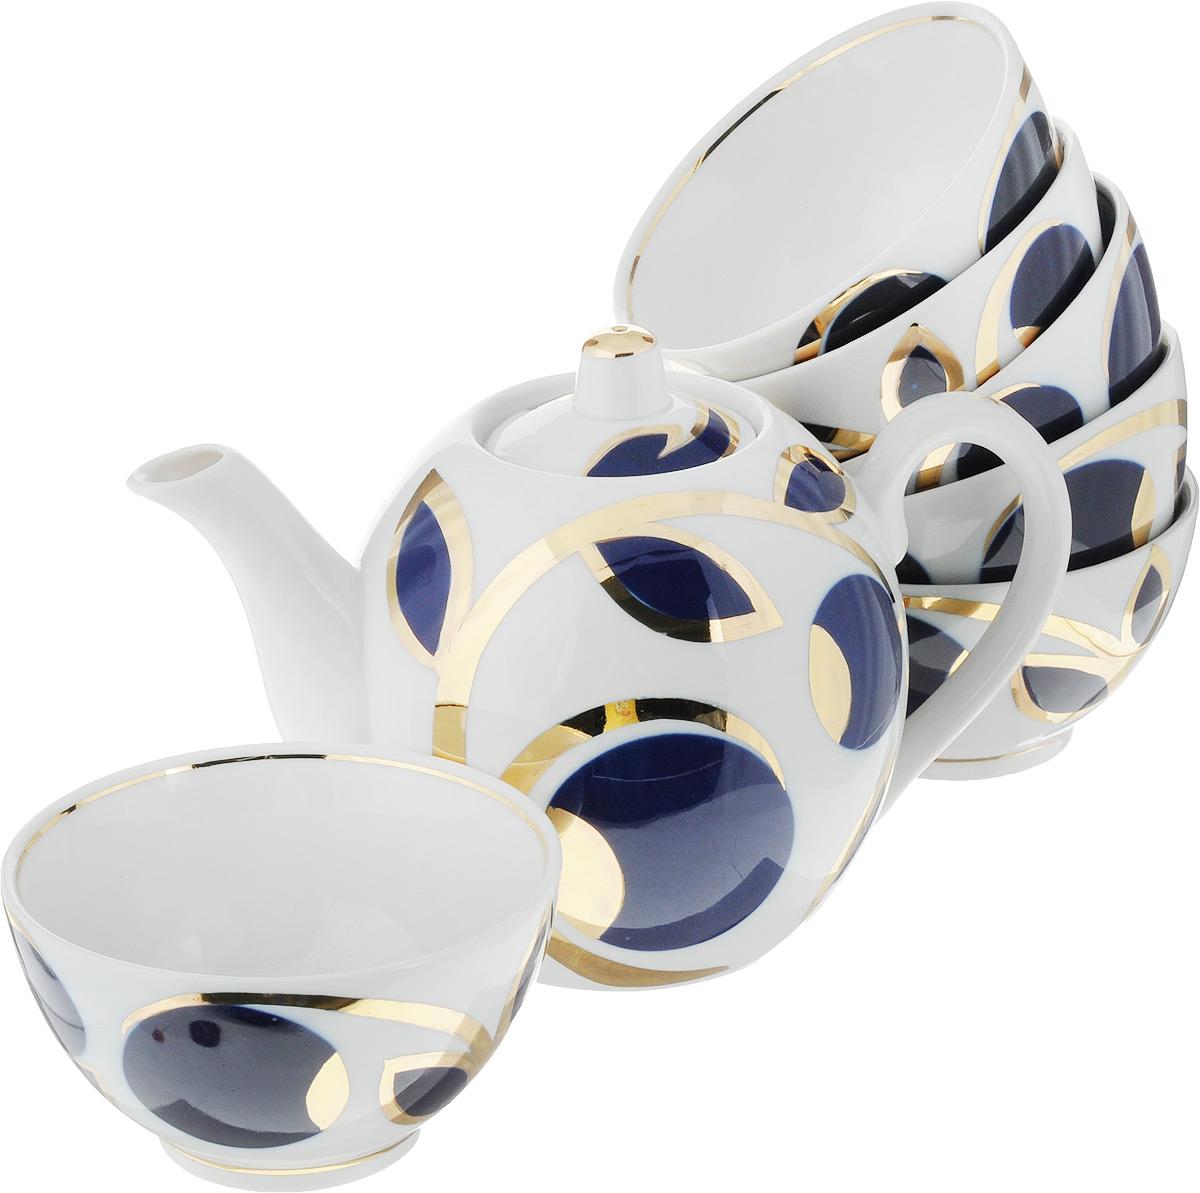 Набор чайный Фарфор Вербилок Кобальтовые яблоки, 7 предметов28570100Чайный набор Фарфор Вербилок Кобальтовые яблоки состоит из 6 пиал и заварочного чайника. Изделия выполнены из высококачественного фарфора и оформлены оригинальным рисунком.Изящный чайный набор прекрасно оформит стол к чаепитию и порадует вас элегантным дизайном и качеством исполнения.История Мануфактуры Гарднеръ насчитывает более 250 лет. За четверть тысячелетия фабричные мастера создали целую галерею шедевров фарфорового искусства, многие из которых служили украшением императорских дворцов и аристократических салонов. Если верить легенде, именно вербилковские сервизы так понравились Екатерине II во время праздничного обеда в честь именин монаршей особы.Объем чайника: 800 мл.Высота чайника (без учета крышки): 11,5 см.Диаметр чайника (по верхнему краю): 4,5 см.Объем пиалы: 300 мл.Диаметр пиалы (по верхнему краю): 11 см.Высота пиалы: 6,5 см.